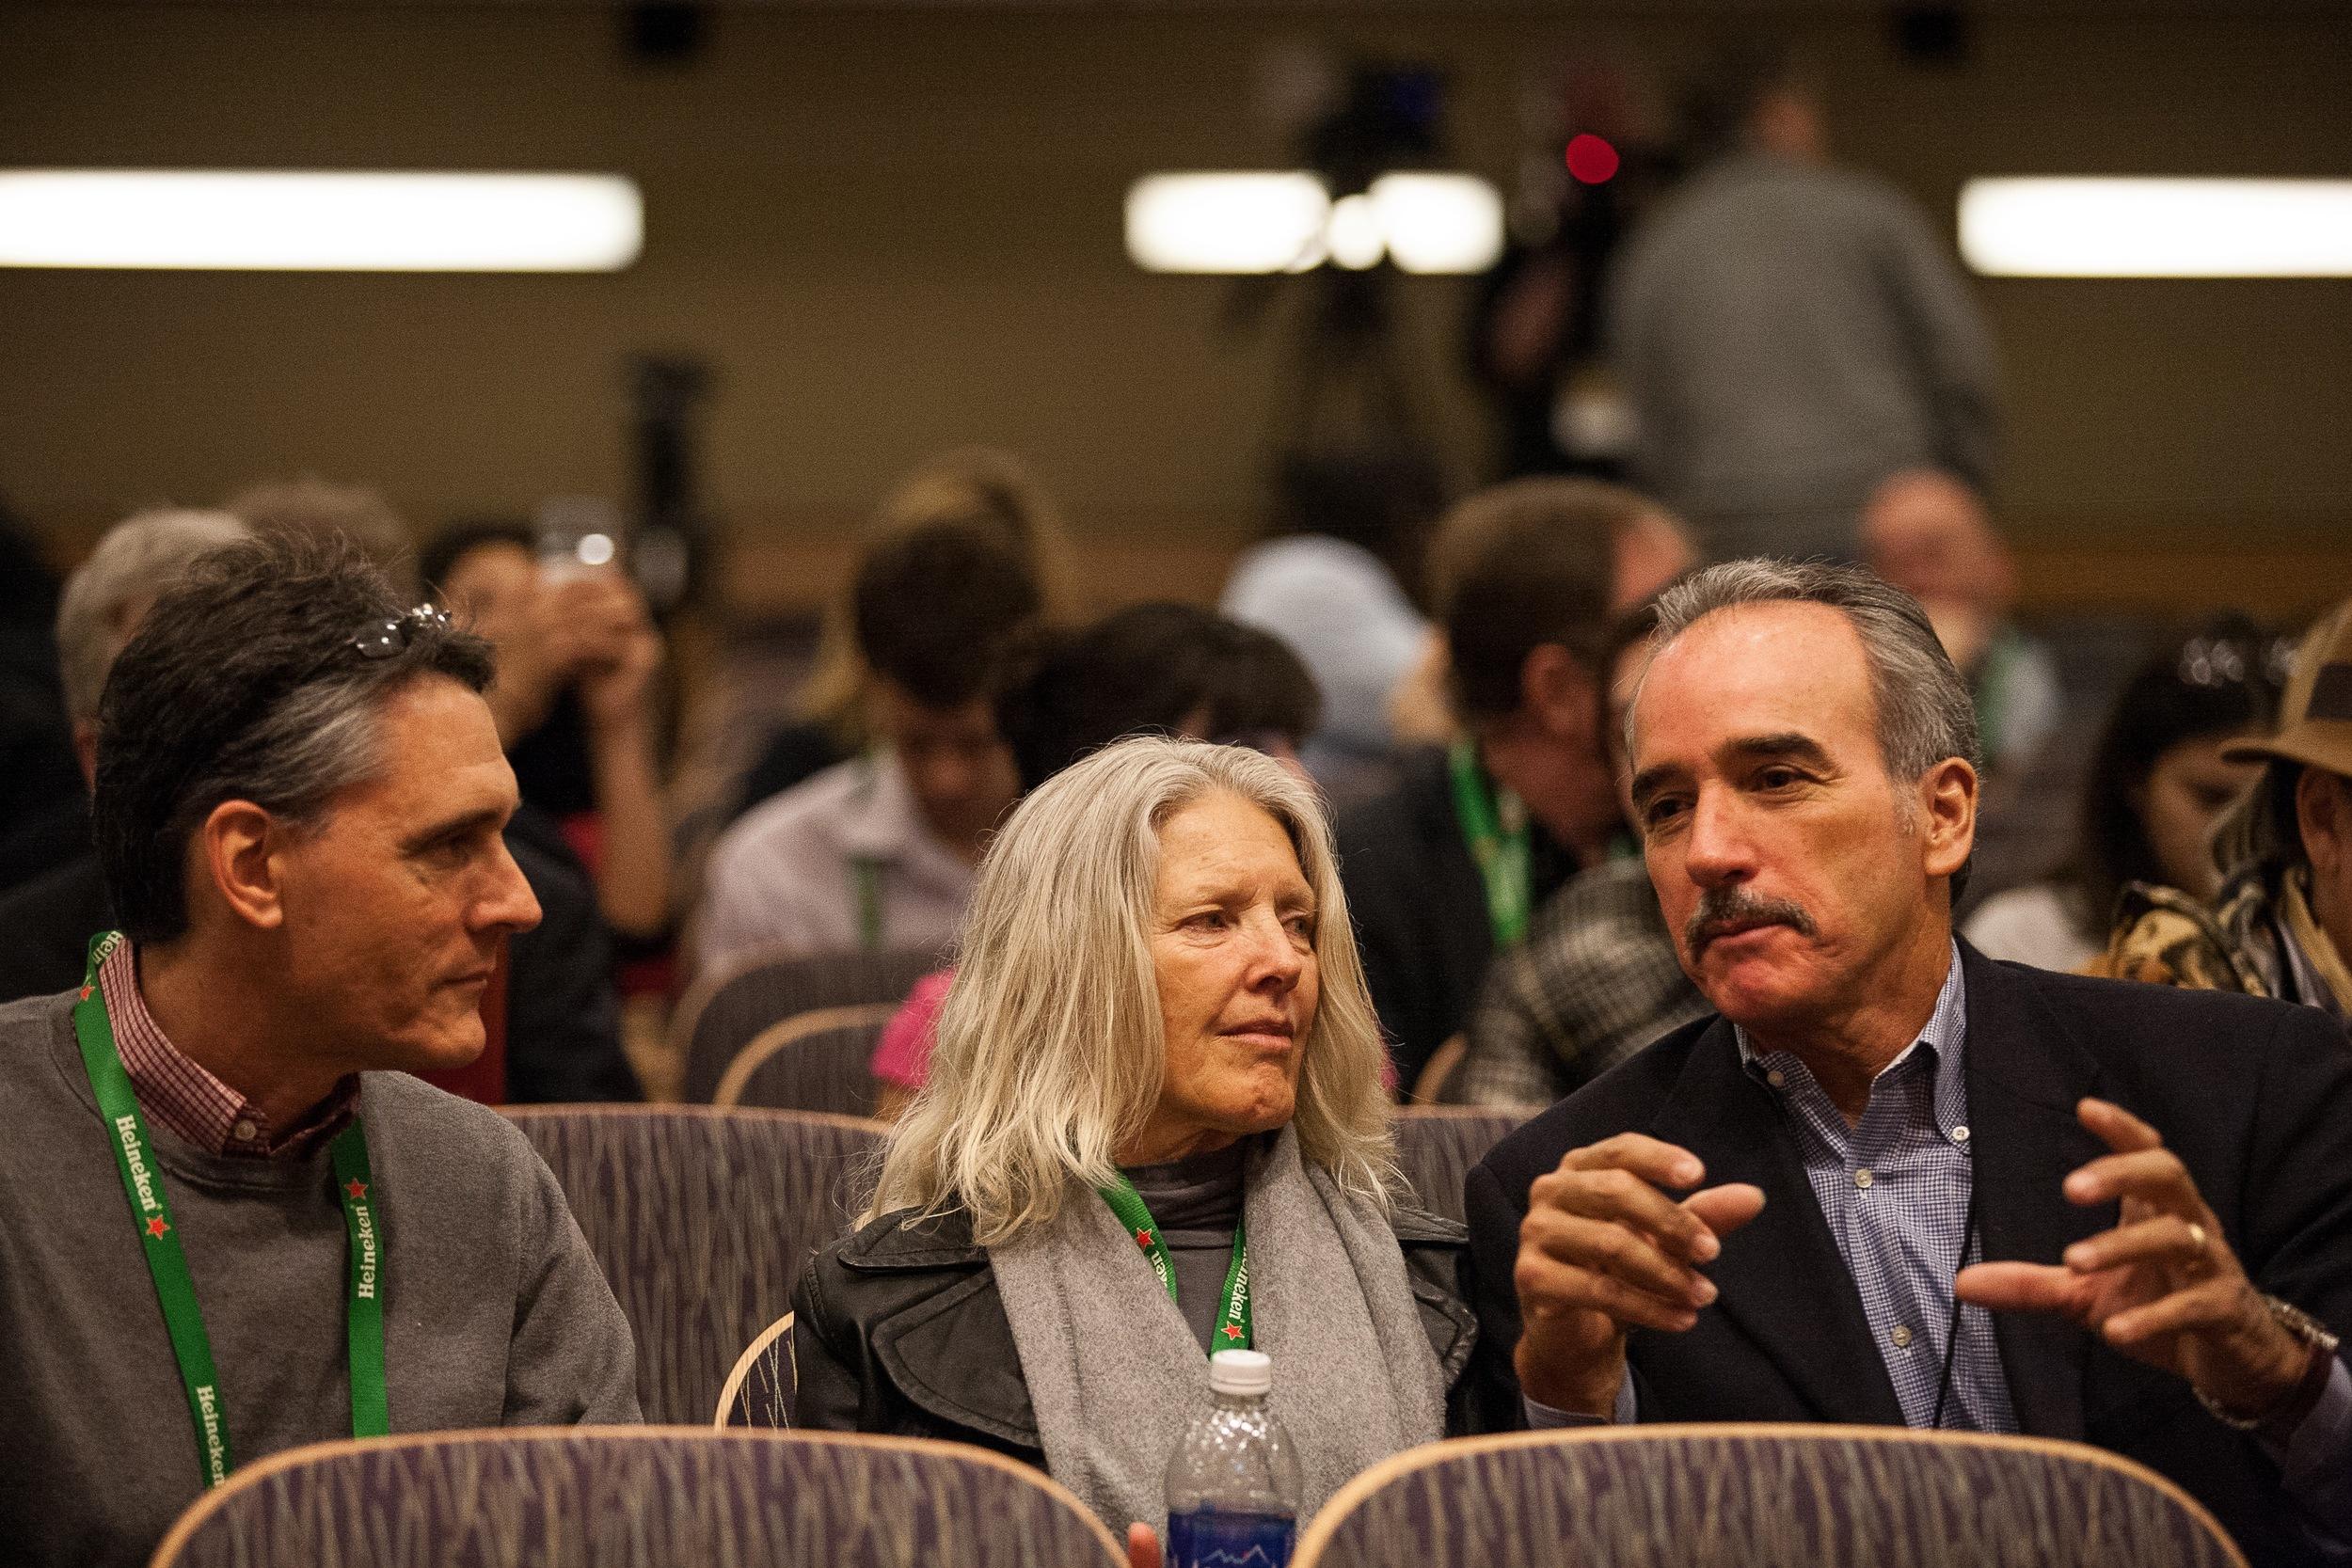 Tribeca Disruptive Innovation Awards 2013 - 030.jpg